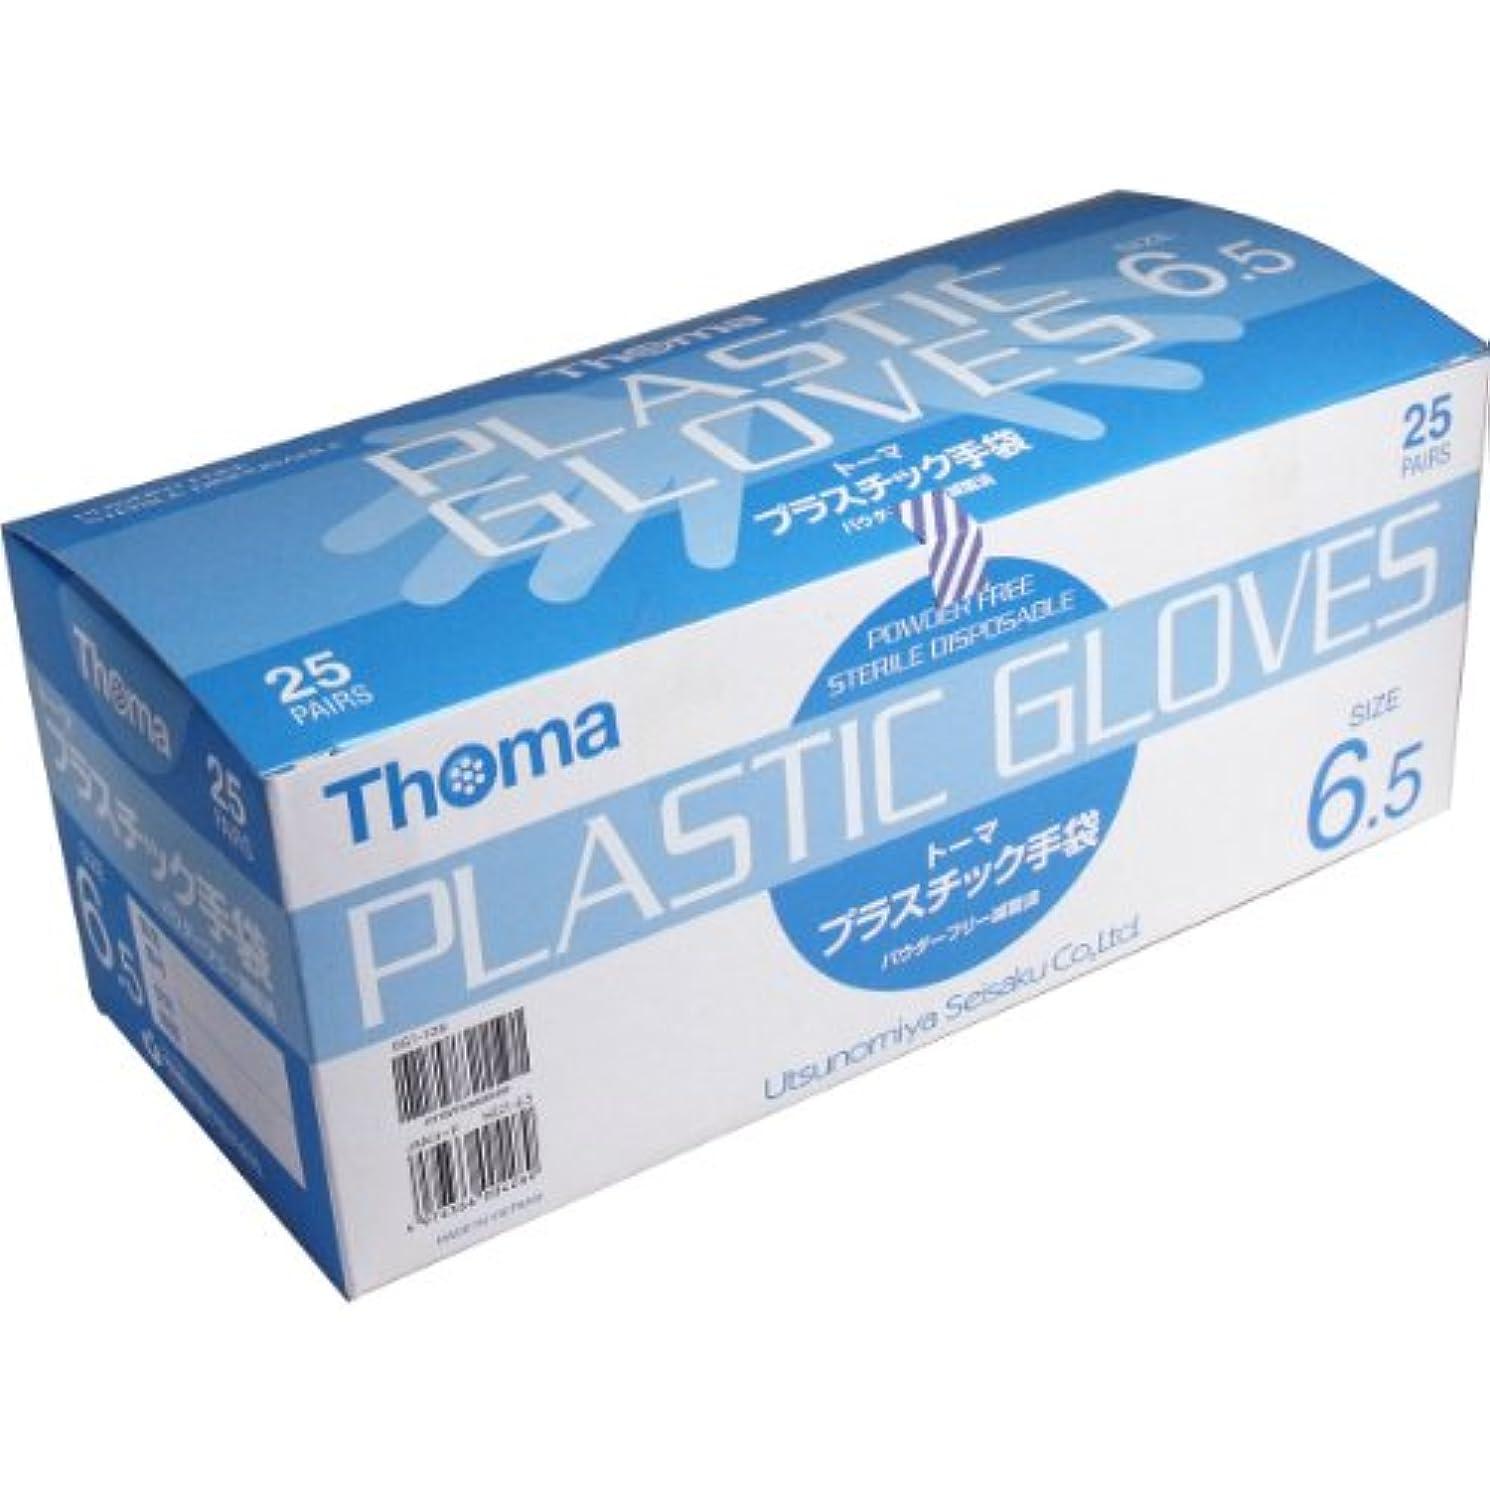 支配的悲しいはちみつトーマ プラスチック手袋 パウダーフリー 滅菌済 サイズ6.5 25双入